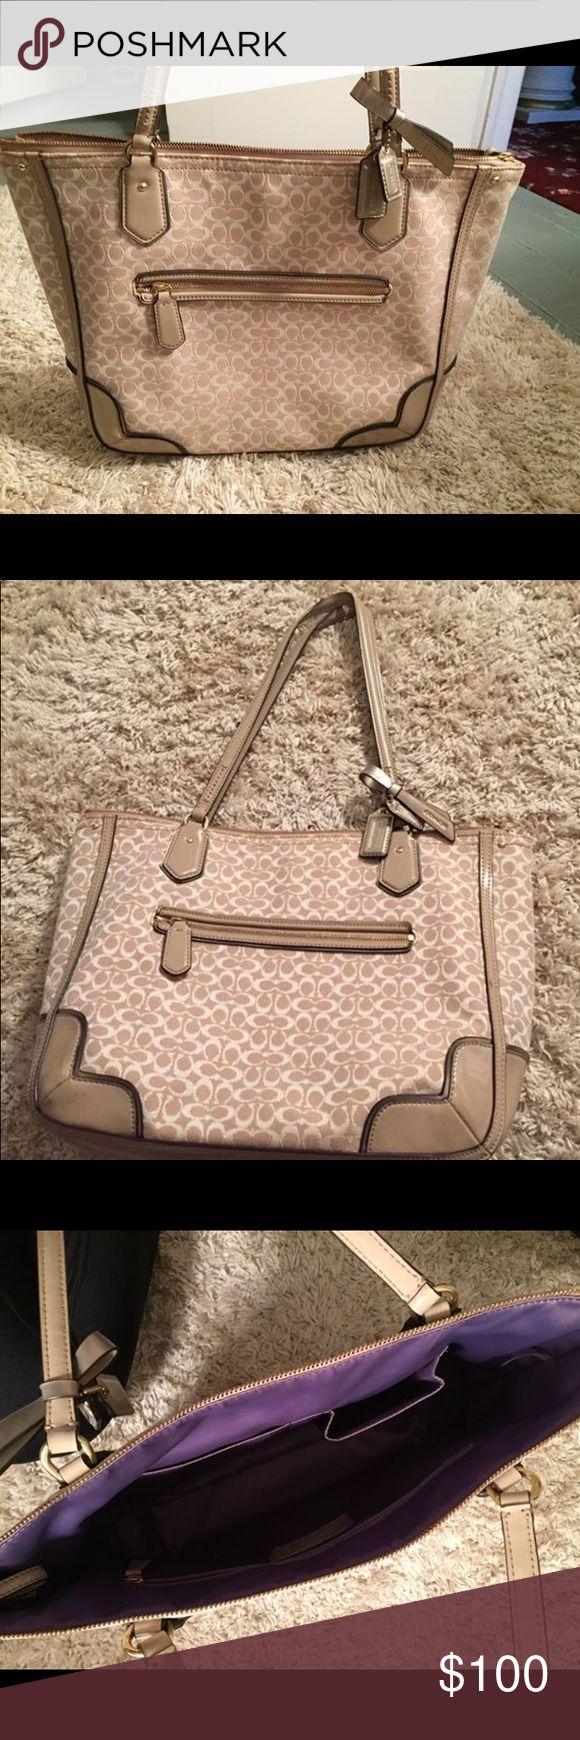 Coach Handbag Coach Handbag Beige exterior and purple interior of bag Never used, like brand new! Coach Bags Shoulder Bags